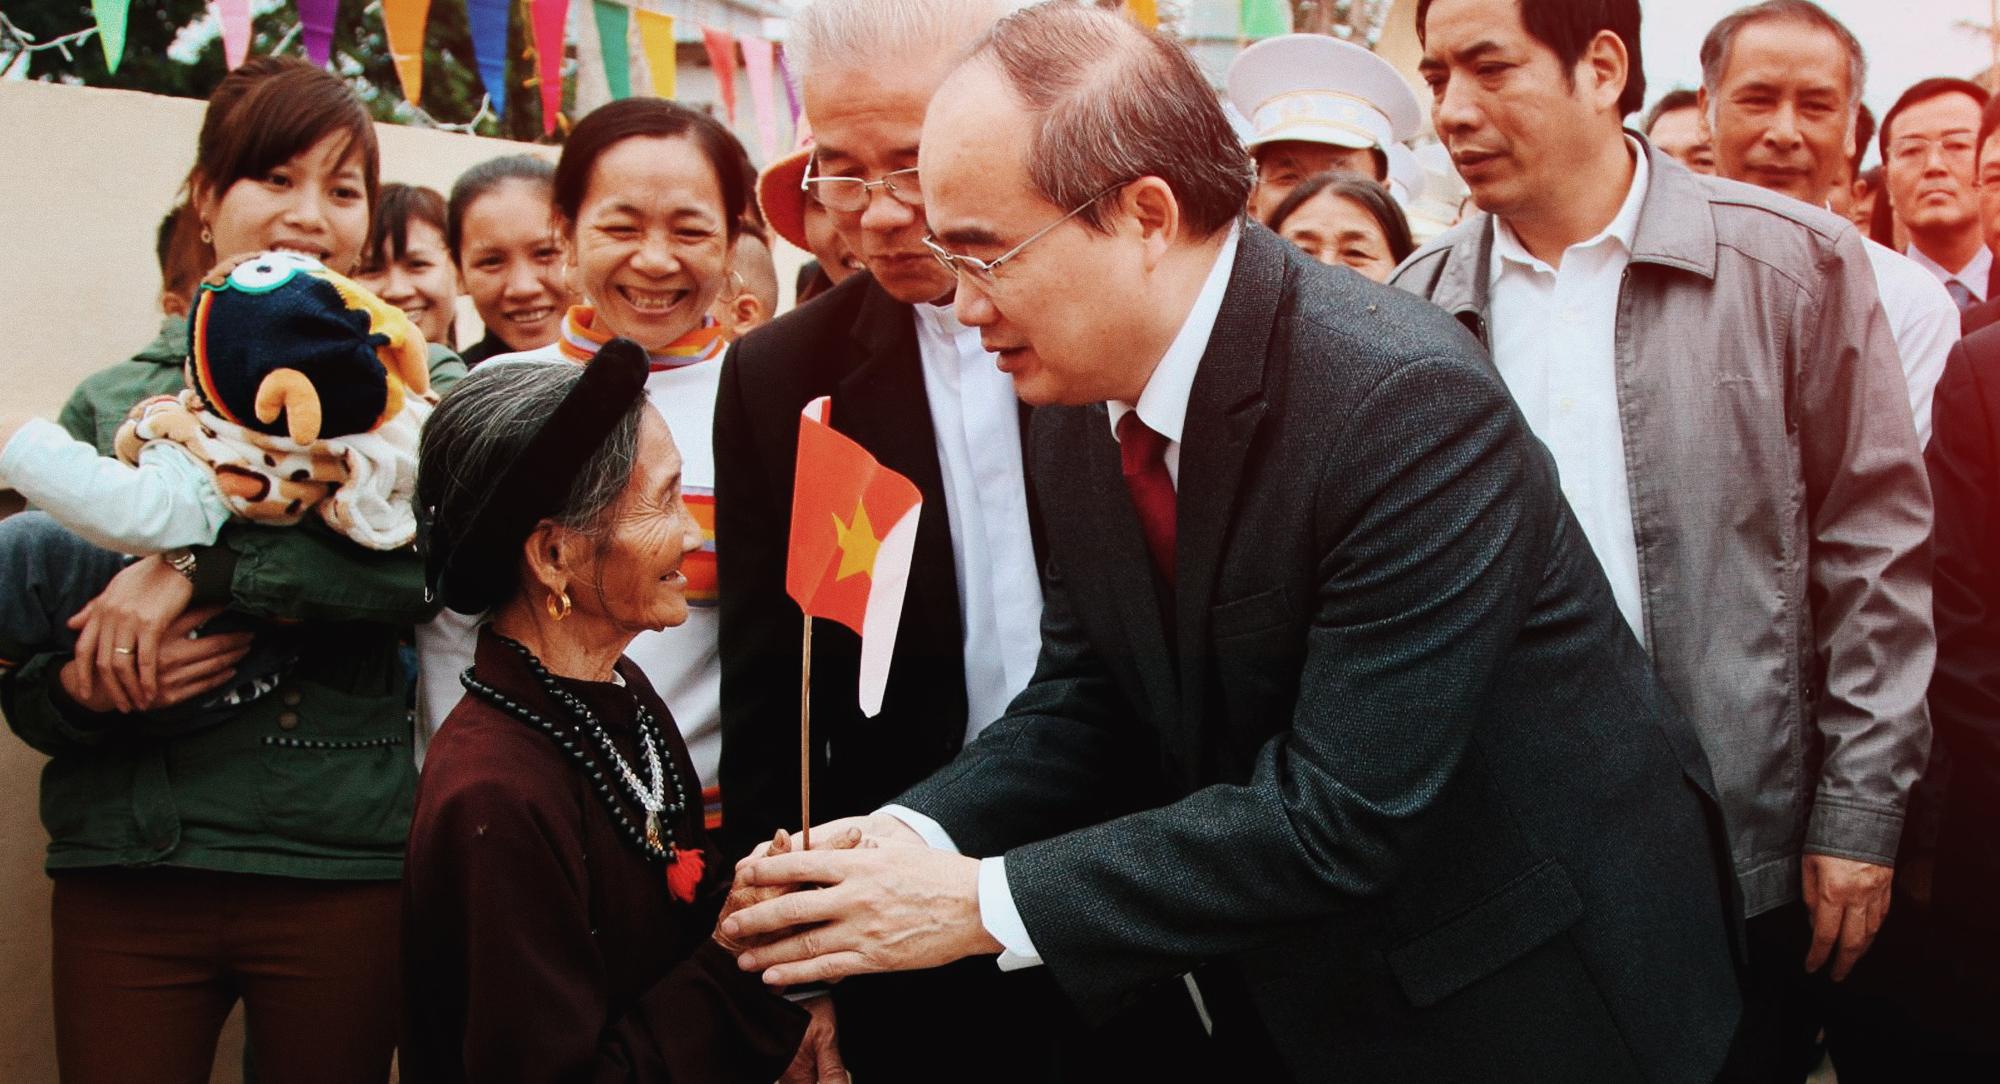 Chân dung tân Bí thư Thành ủy TPHCM Nguyễn Thiện Nhân - Ảnh 4.